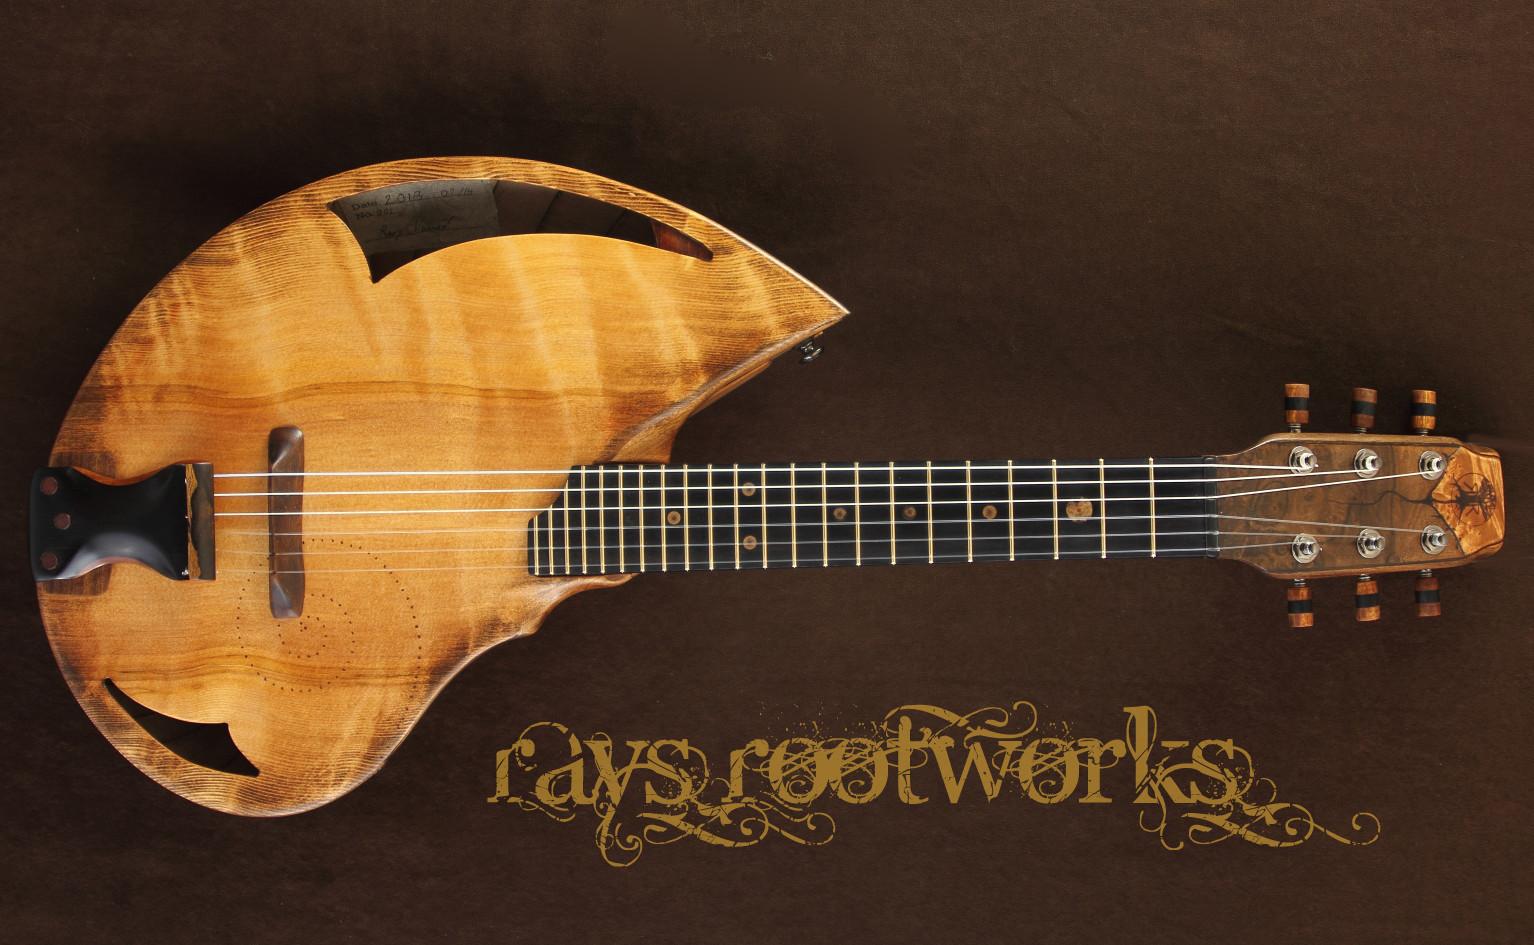 Guitalele guitar